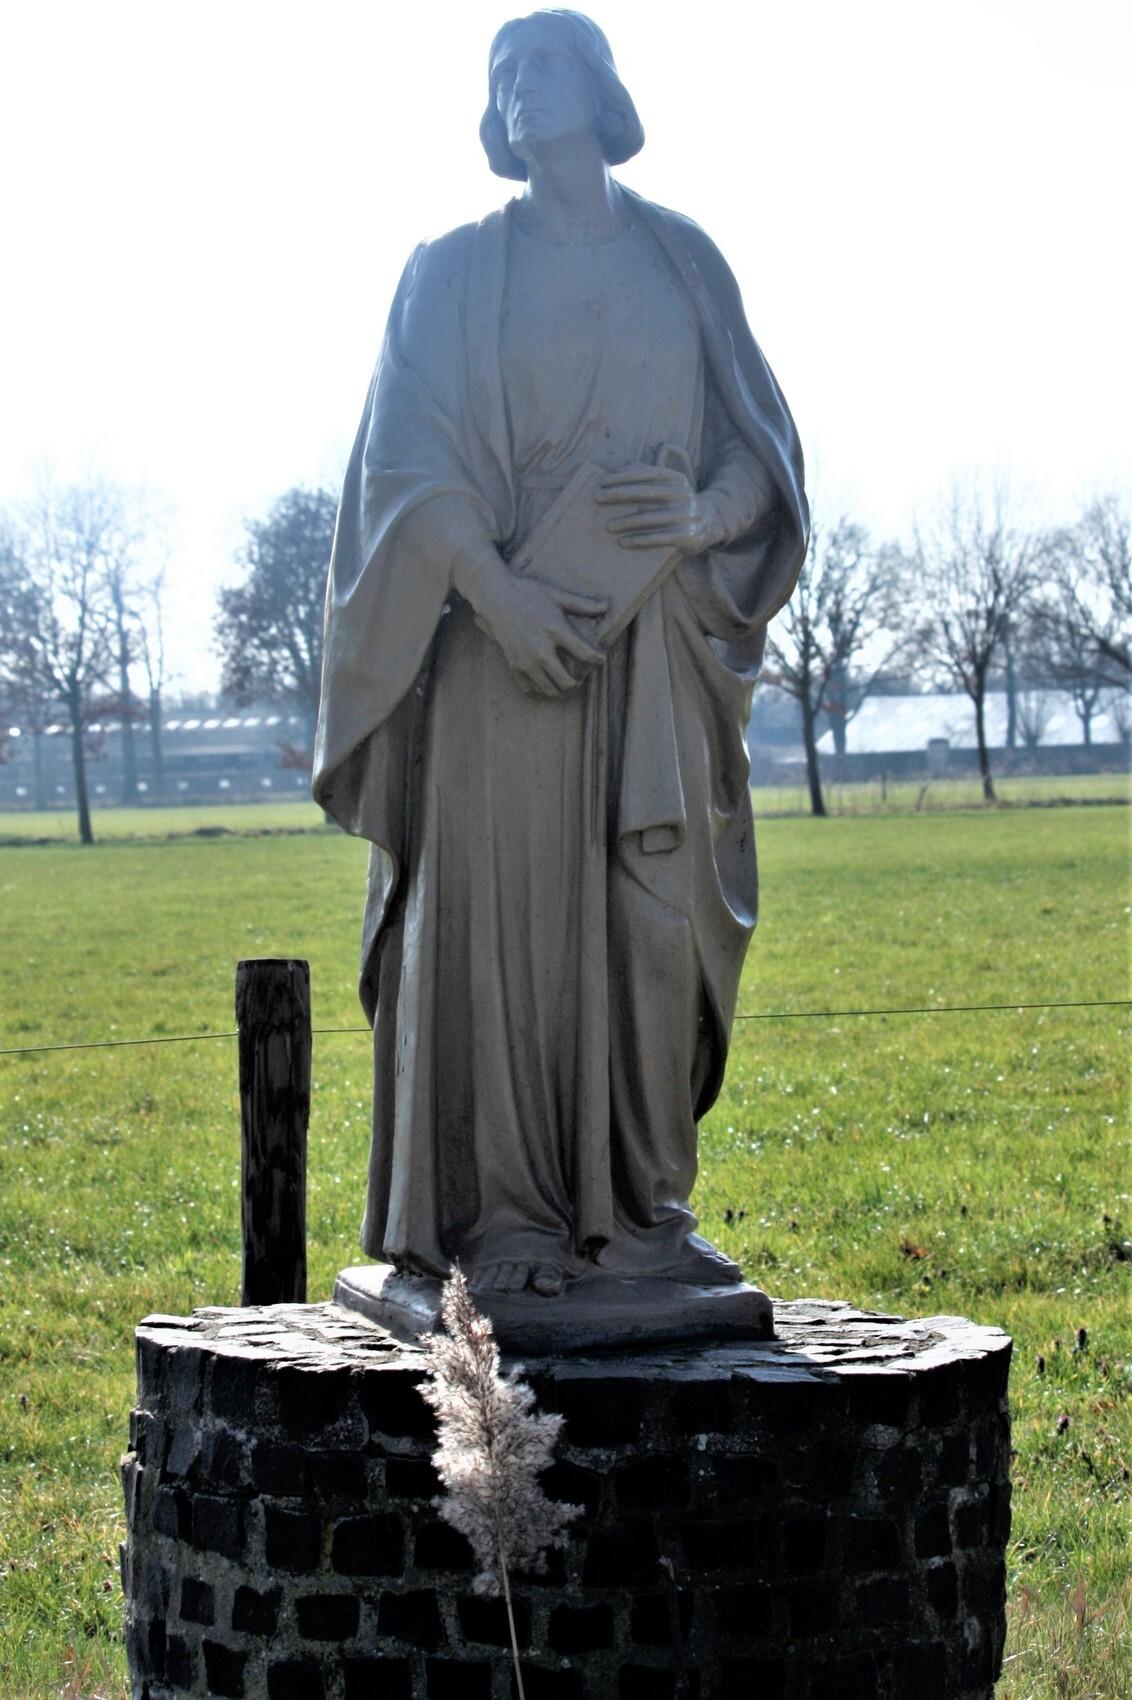 a pope statue - - - foto door sweetnic86 op 28-02-2021 - deze foto bevat: cultuur